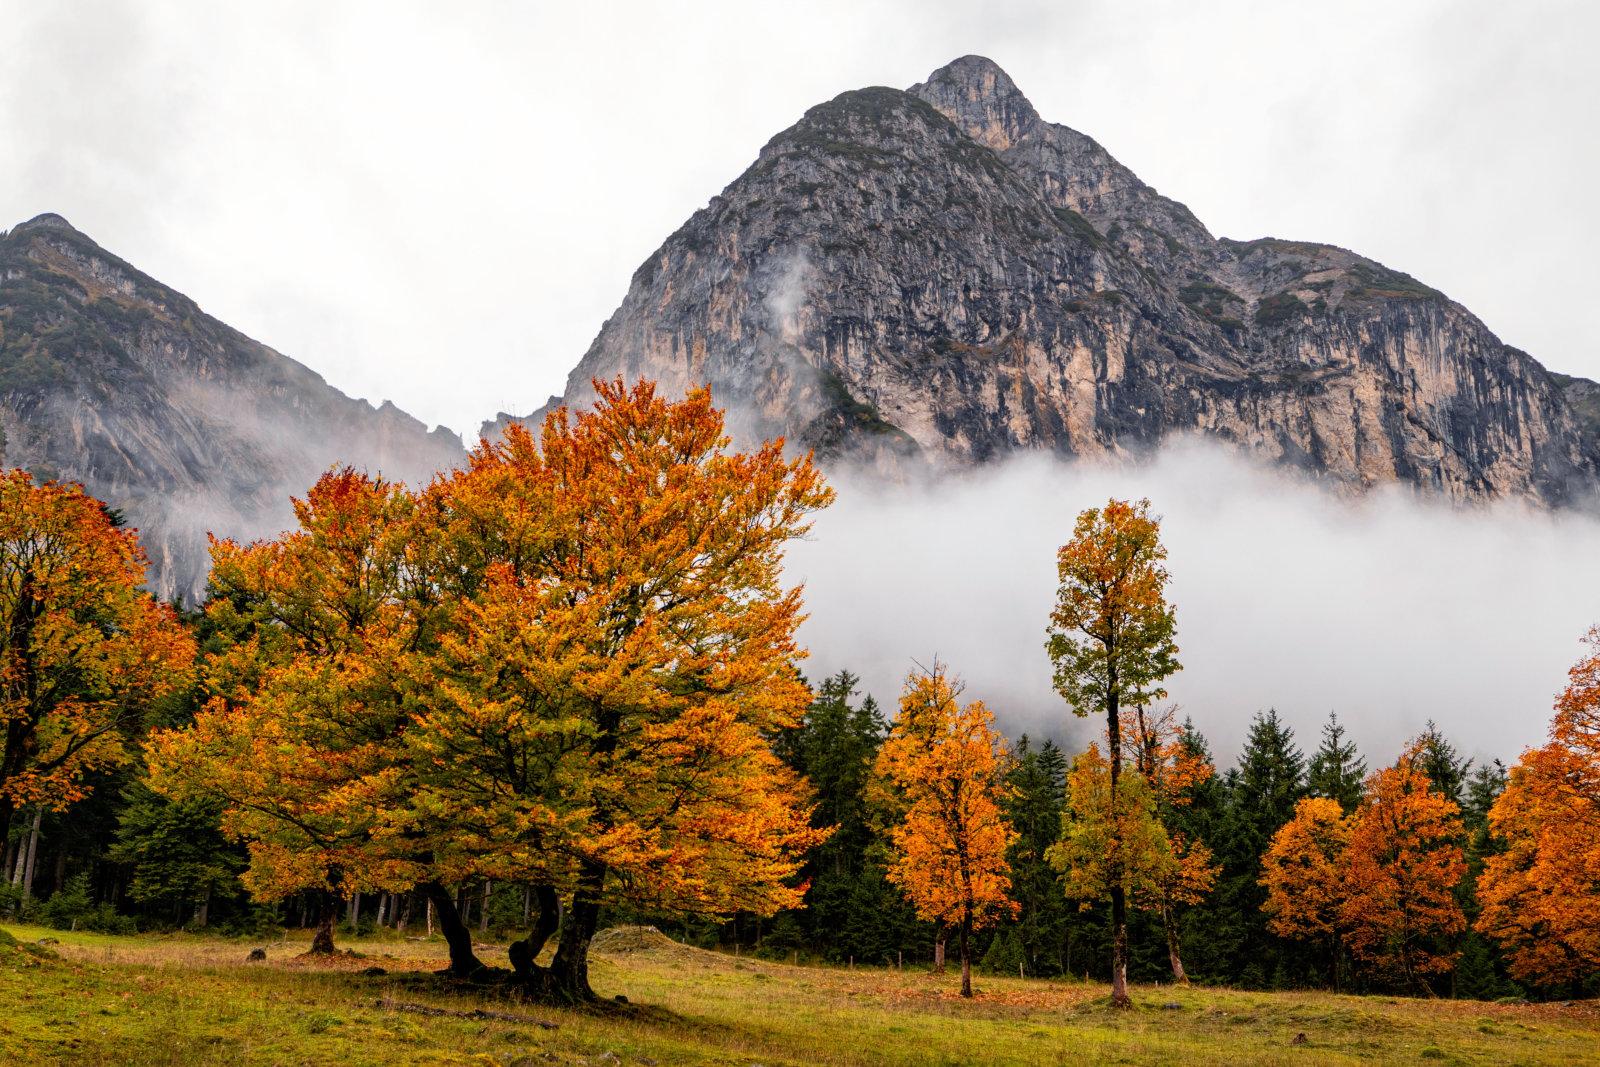 Der Indian Summer in Österreich ist perfekt für idyllische Wanderungen durch nebelverhangene Berge und farbenfrohen Wälder